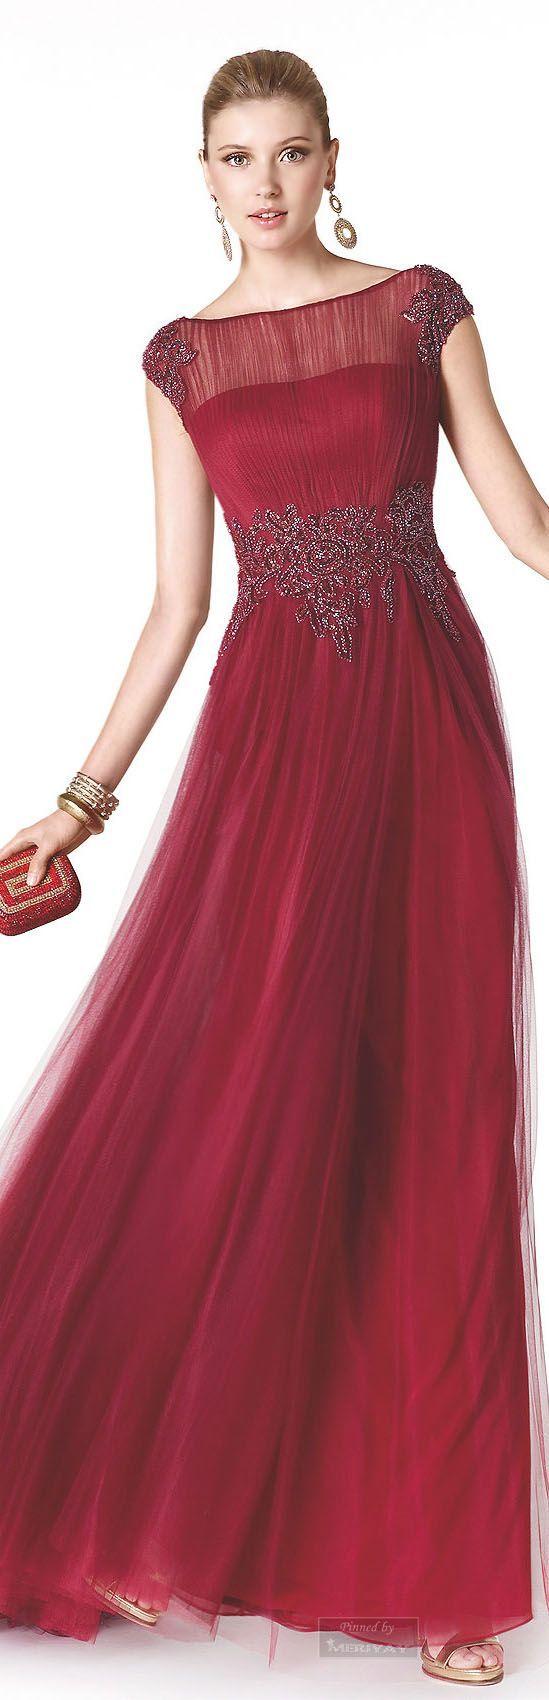 Dicen que el rojo en Nochevieja es el color que te proporciona amor todo el año, atrévete con un vestido rojo para la fiesta y disfruta de un año repleto de amor: